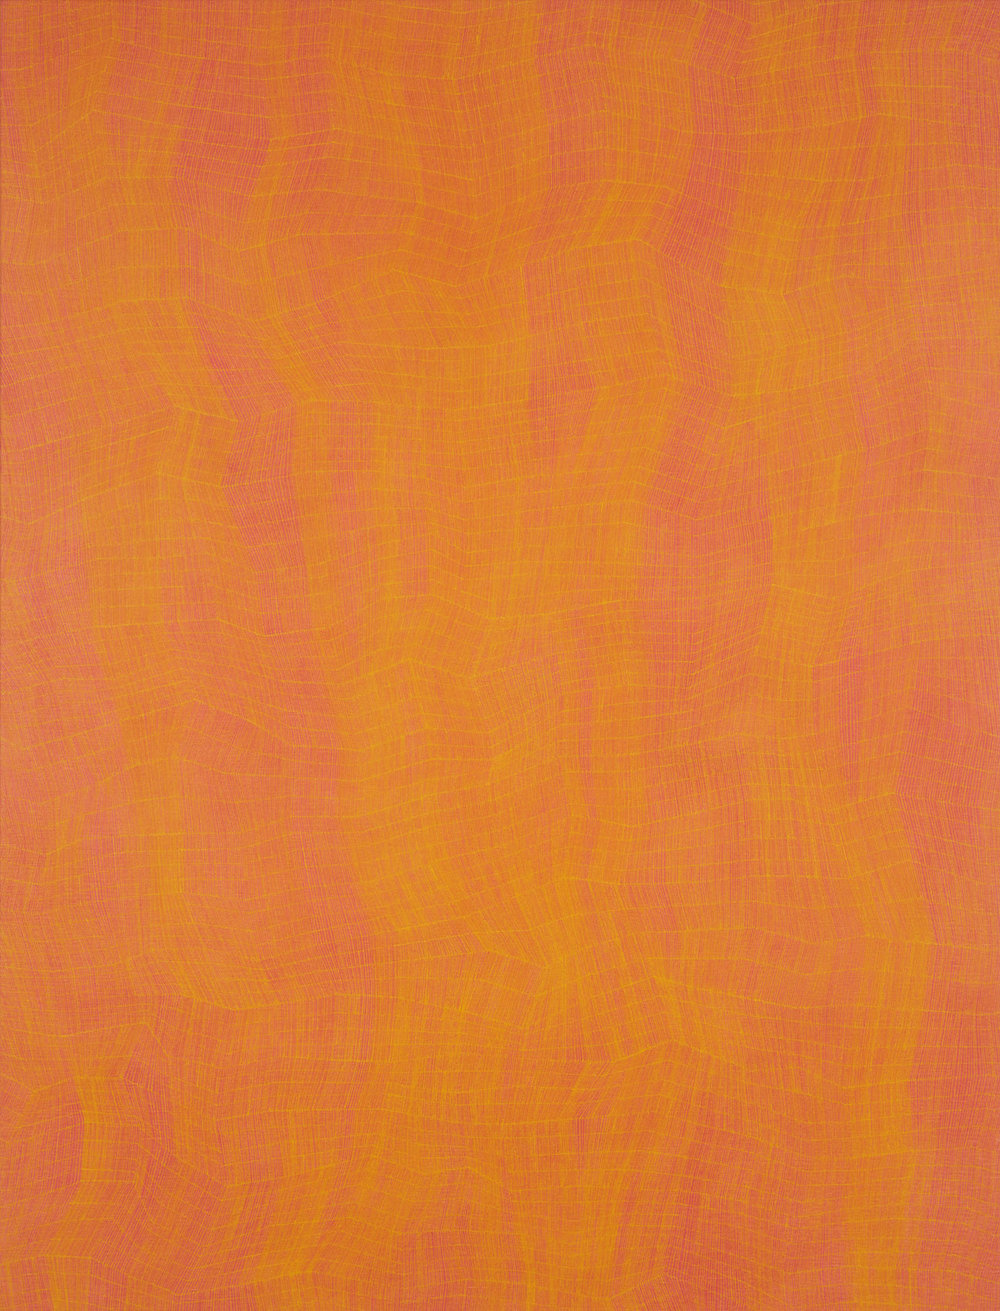 KARL WIEBKE  48-17 yellow on orange , 2017 acrylic on linen 127.5 x 97 cm